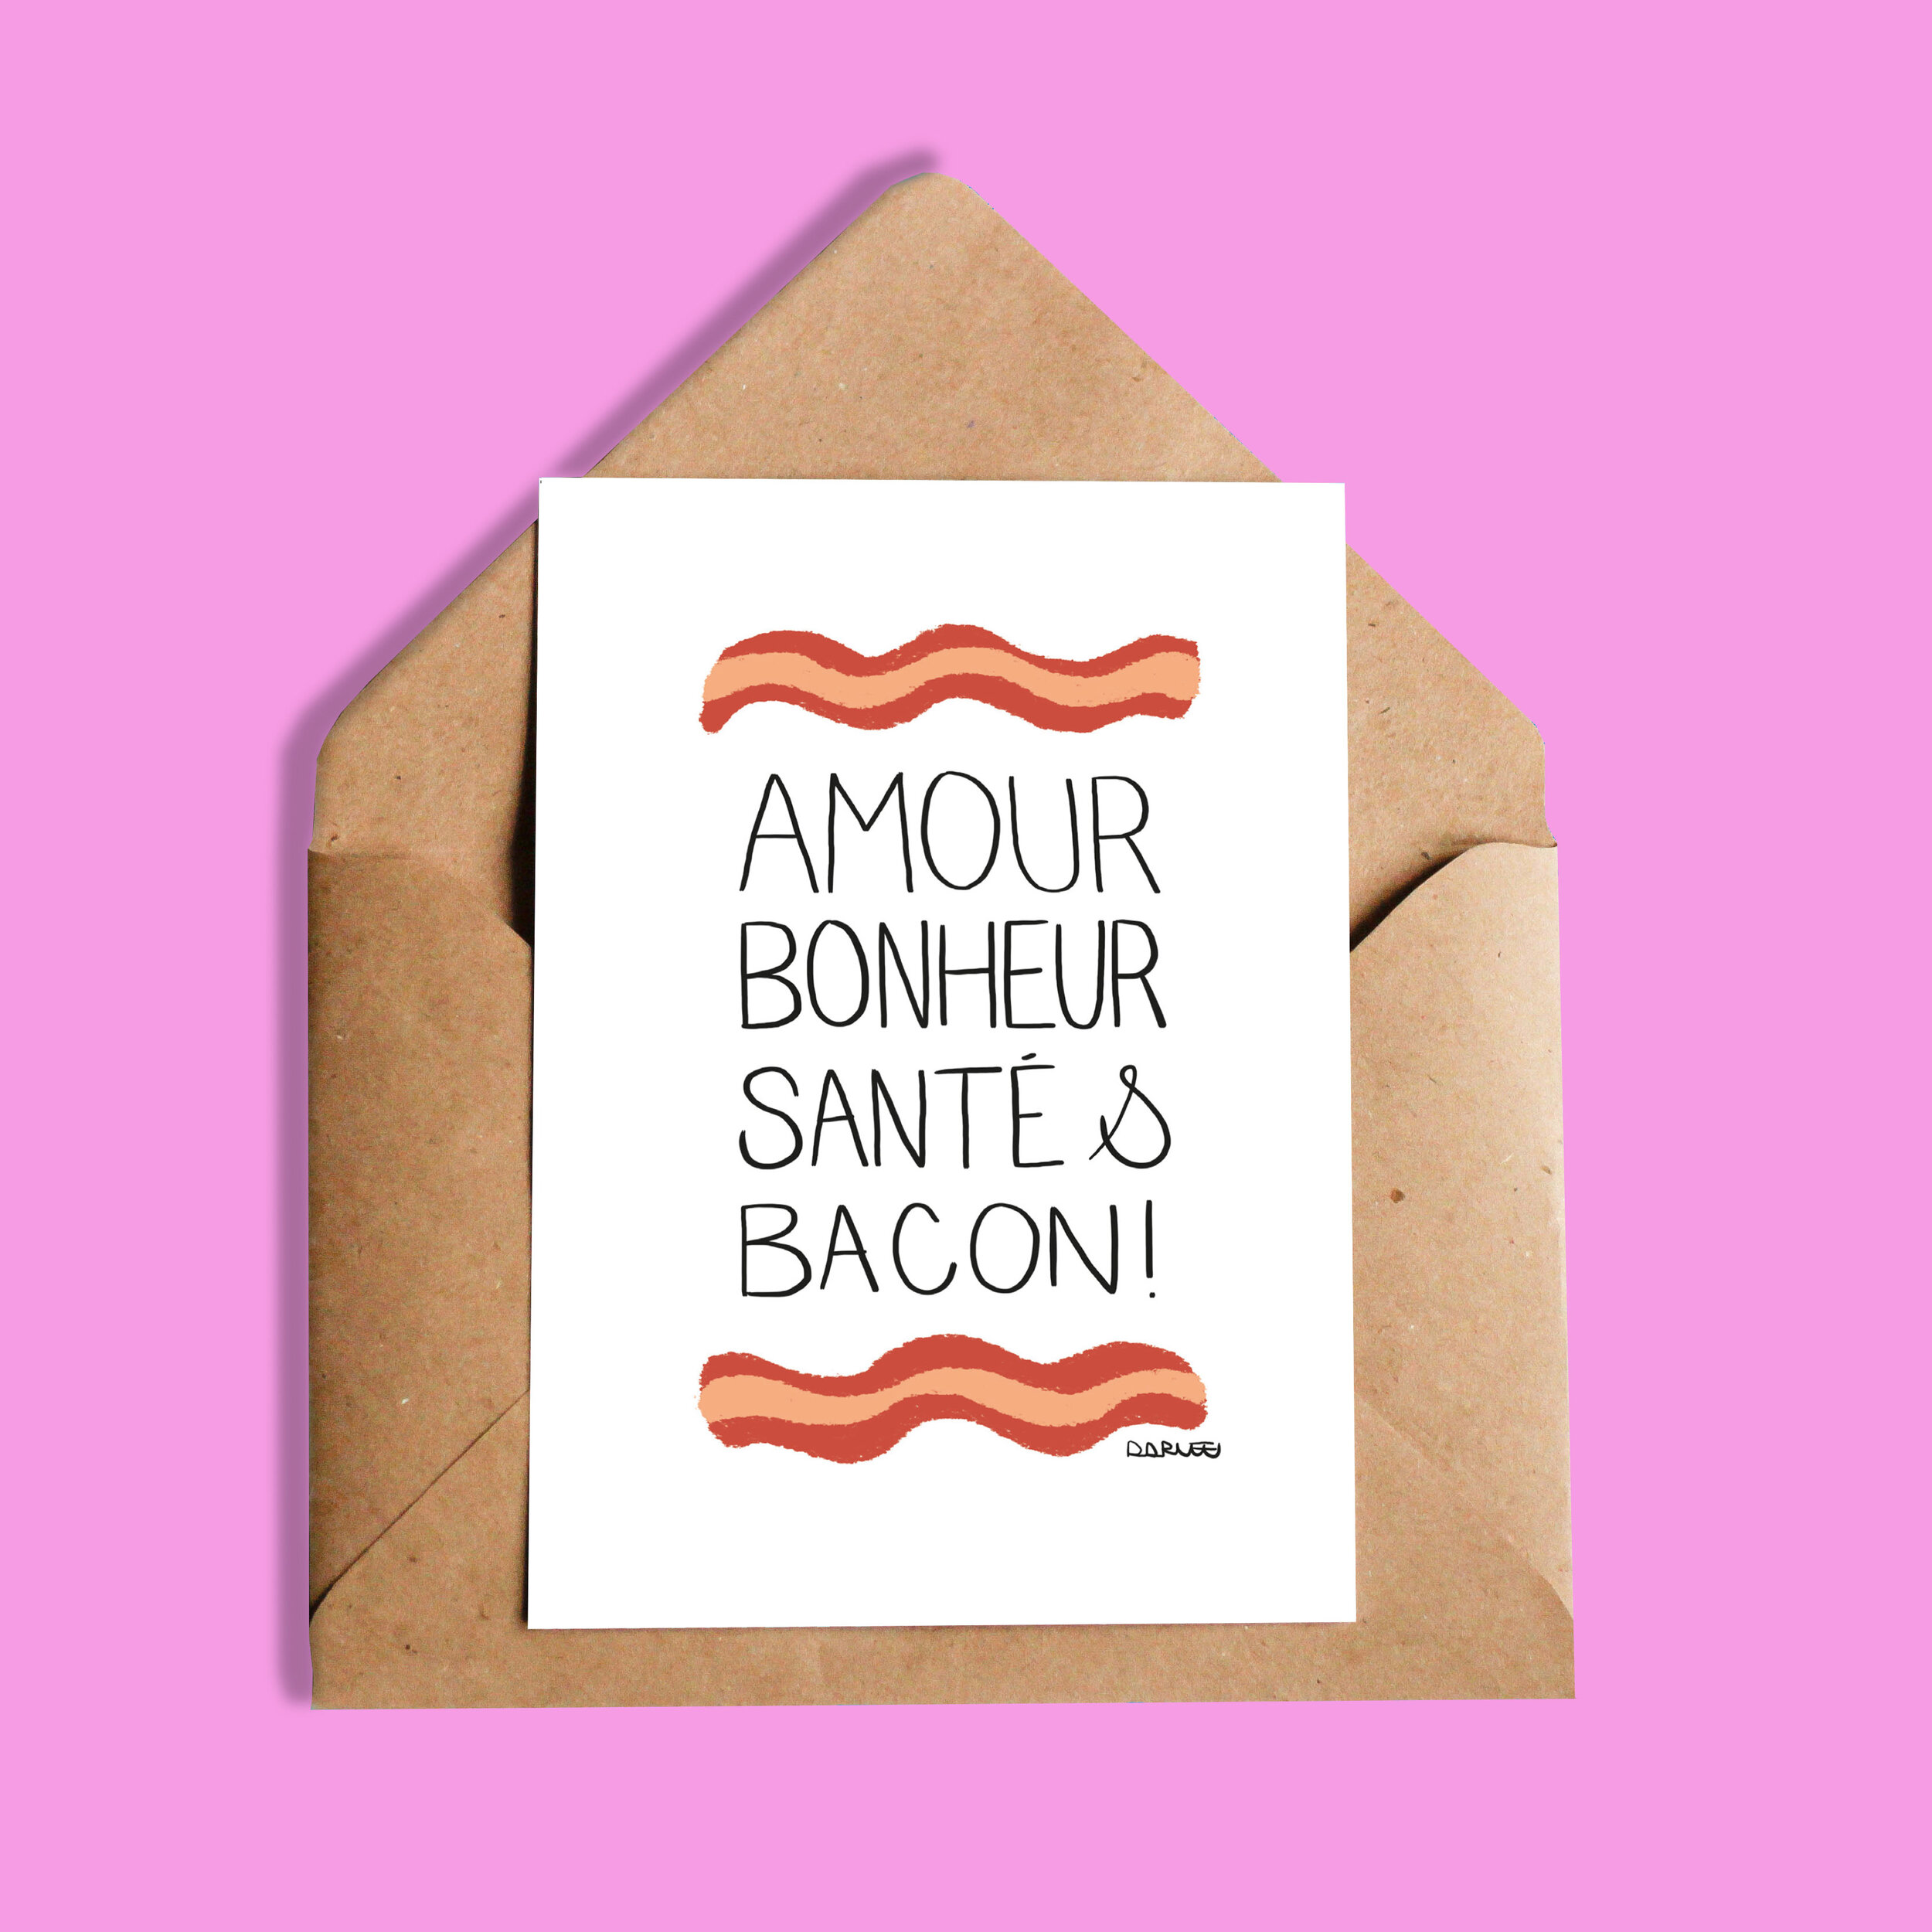 Darvee   Amour bonheur santé & bacon!